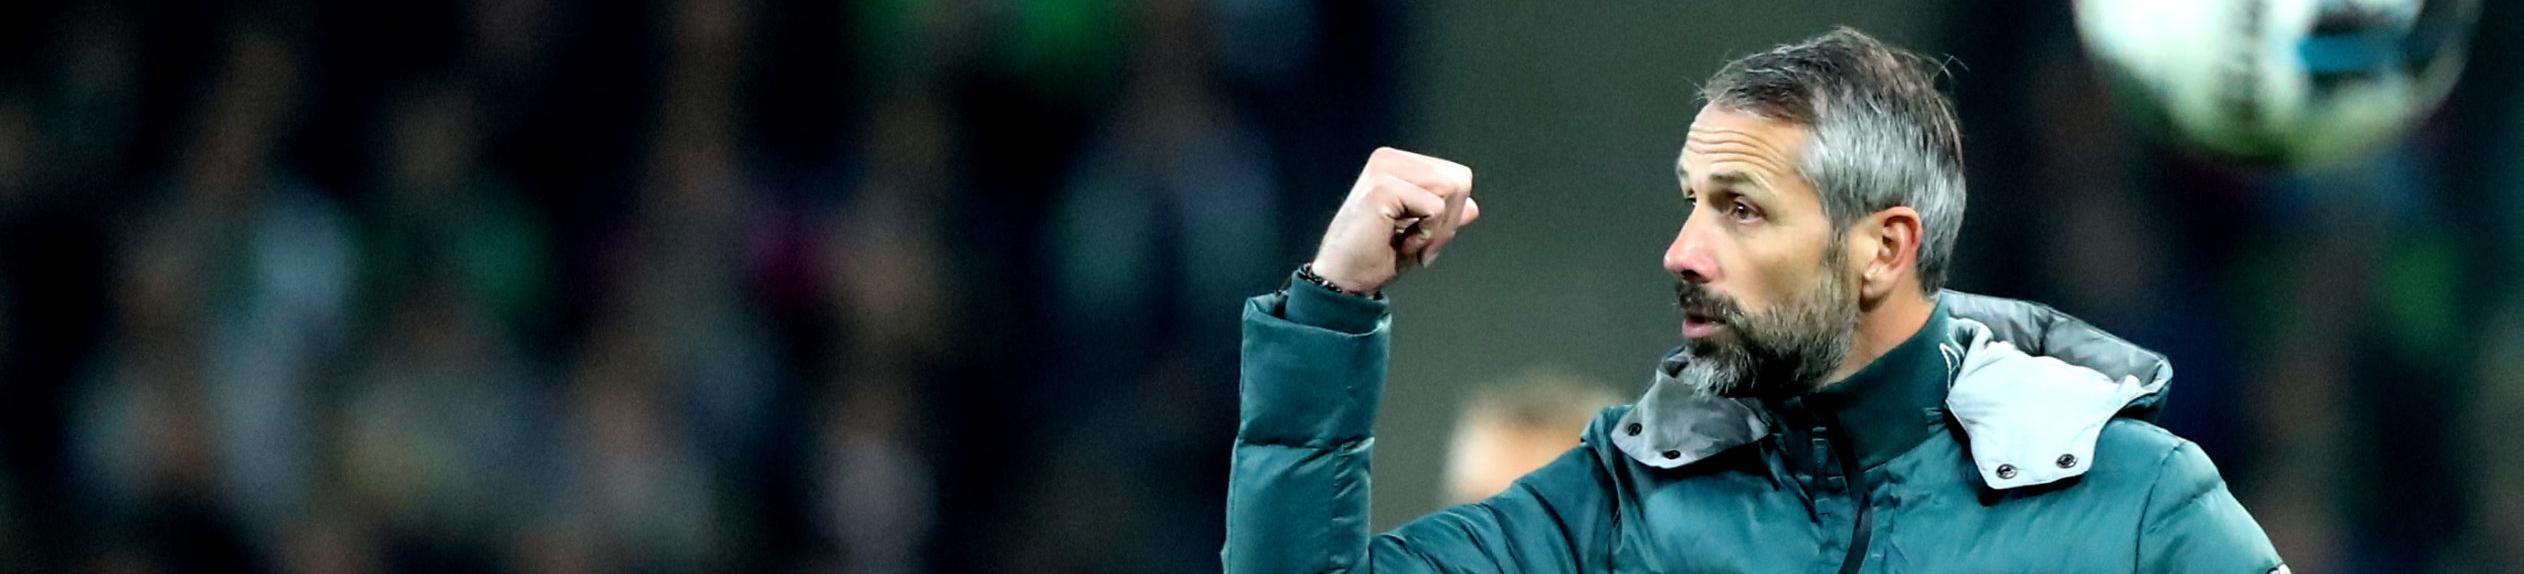 Union Berlino-Borussia M'Gladbach: neroverdi per vincere in trasferta e rimanere in testa